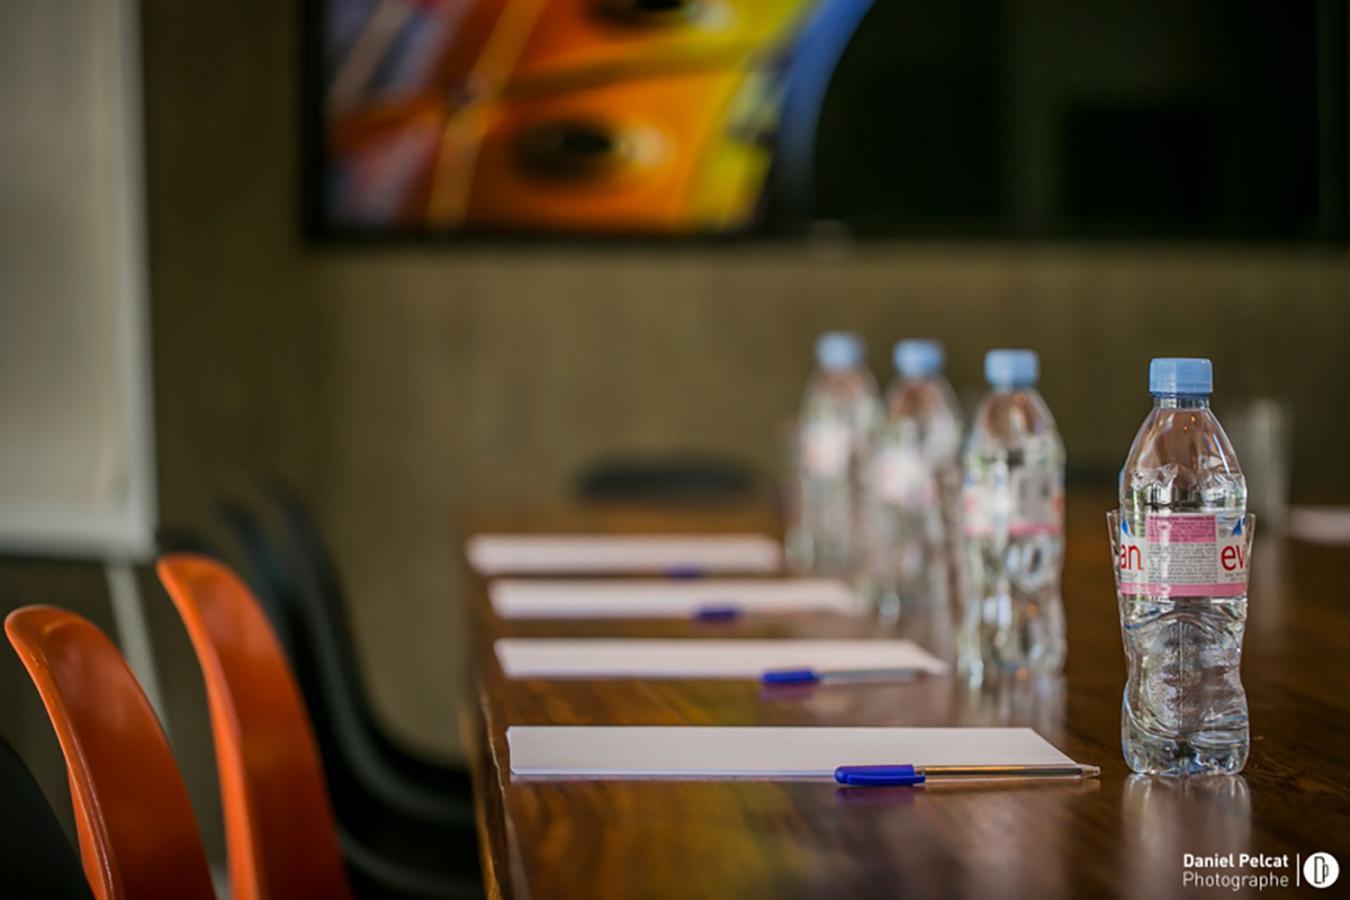 Evénements corporate: soirées de Gala, Inaugurations, lancement de produits, séminaires...